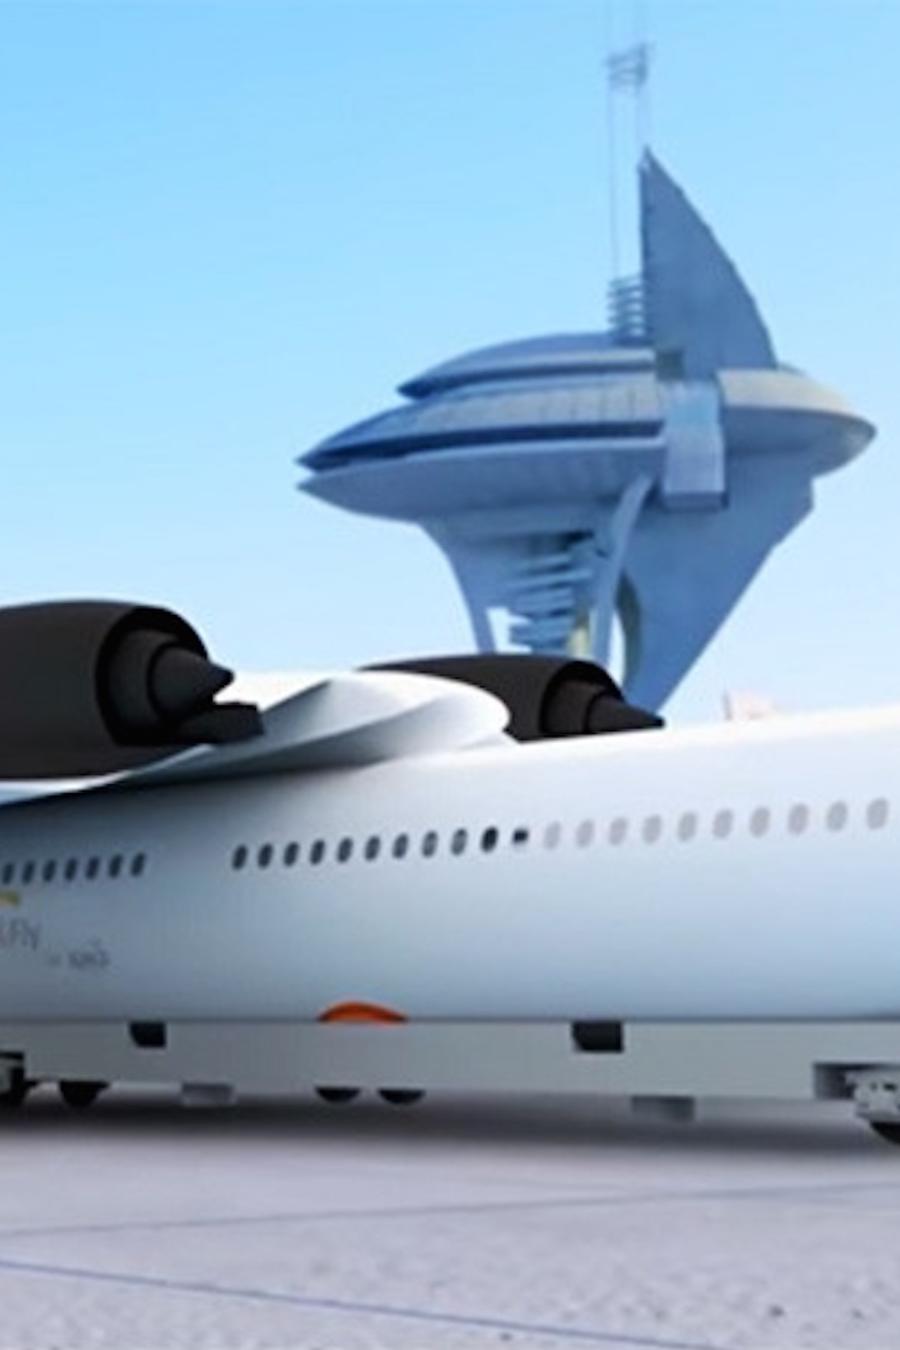 Tren con alas en aeropuerto